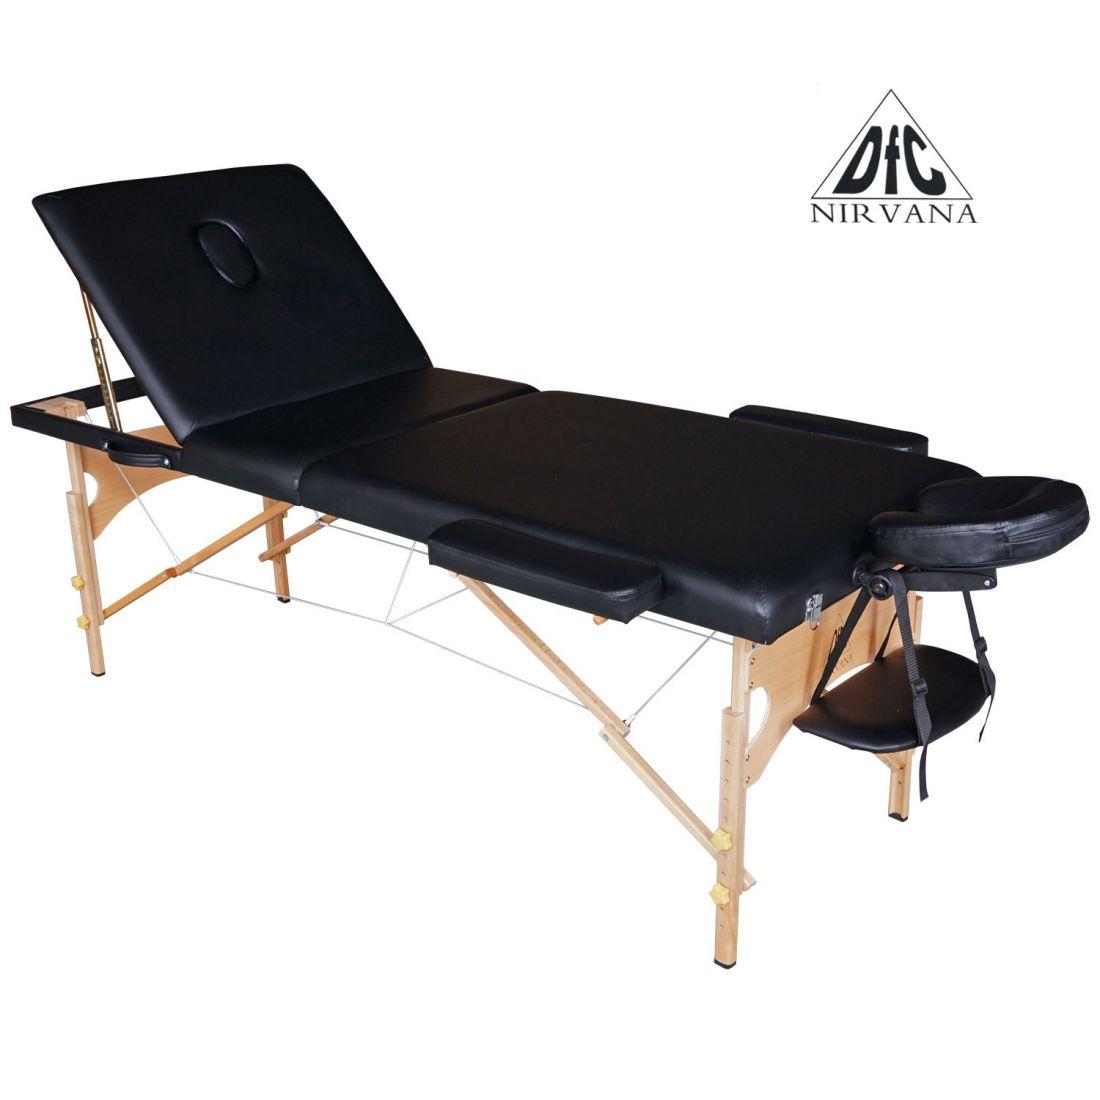 Массажный стол DFC Nirvana Relax Pro (черный)